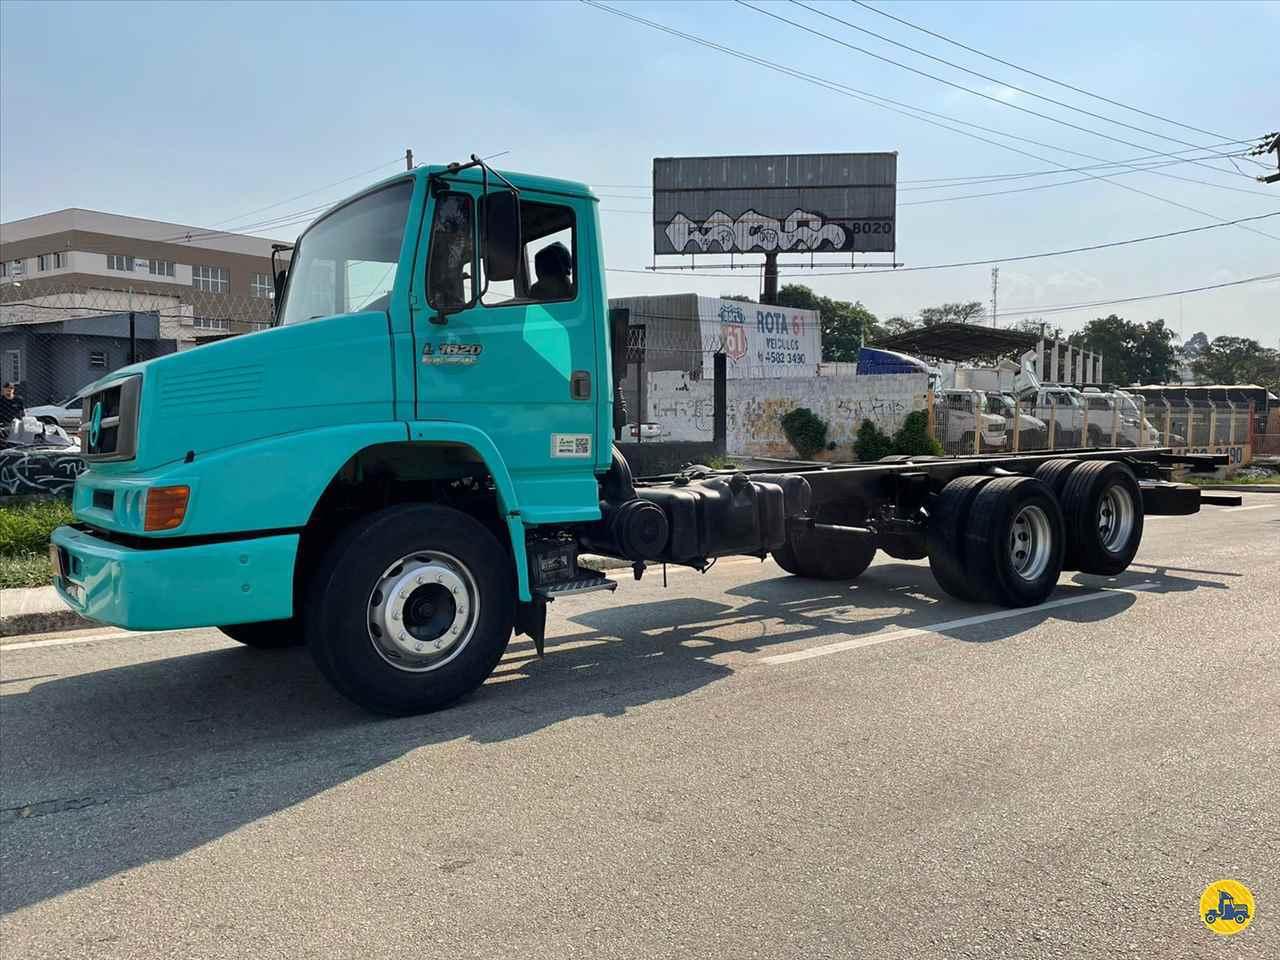 CAMINHAO MERCEDES-BENZ MB 1620 Chassis Truck 6x2 Rota 61 Veículos JUNDIAI SÃO PAULO SP